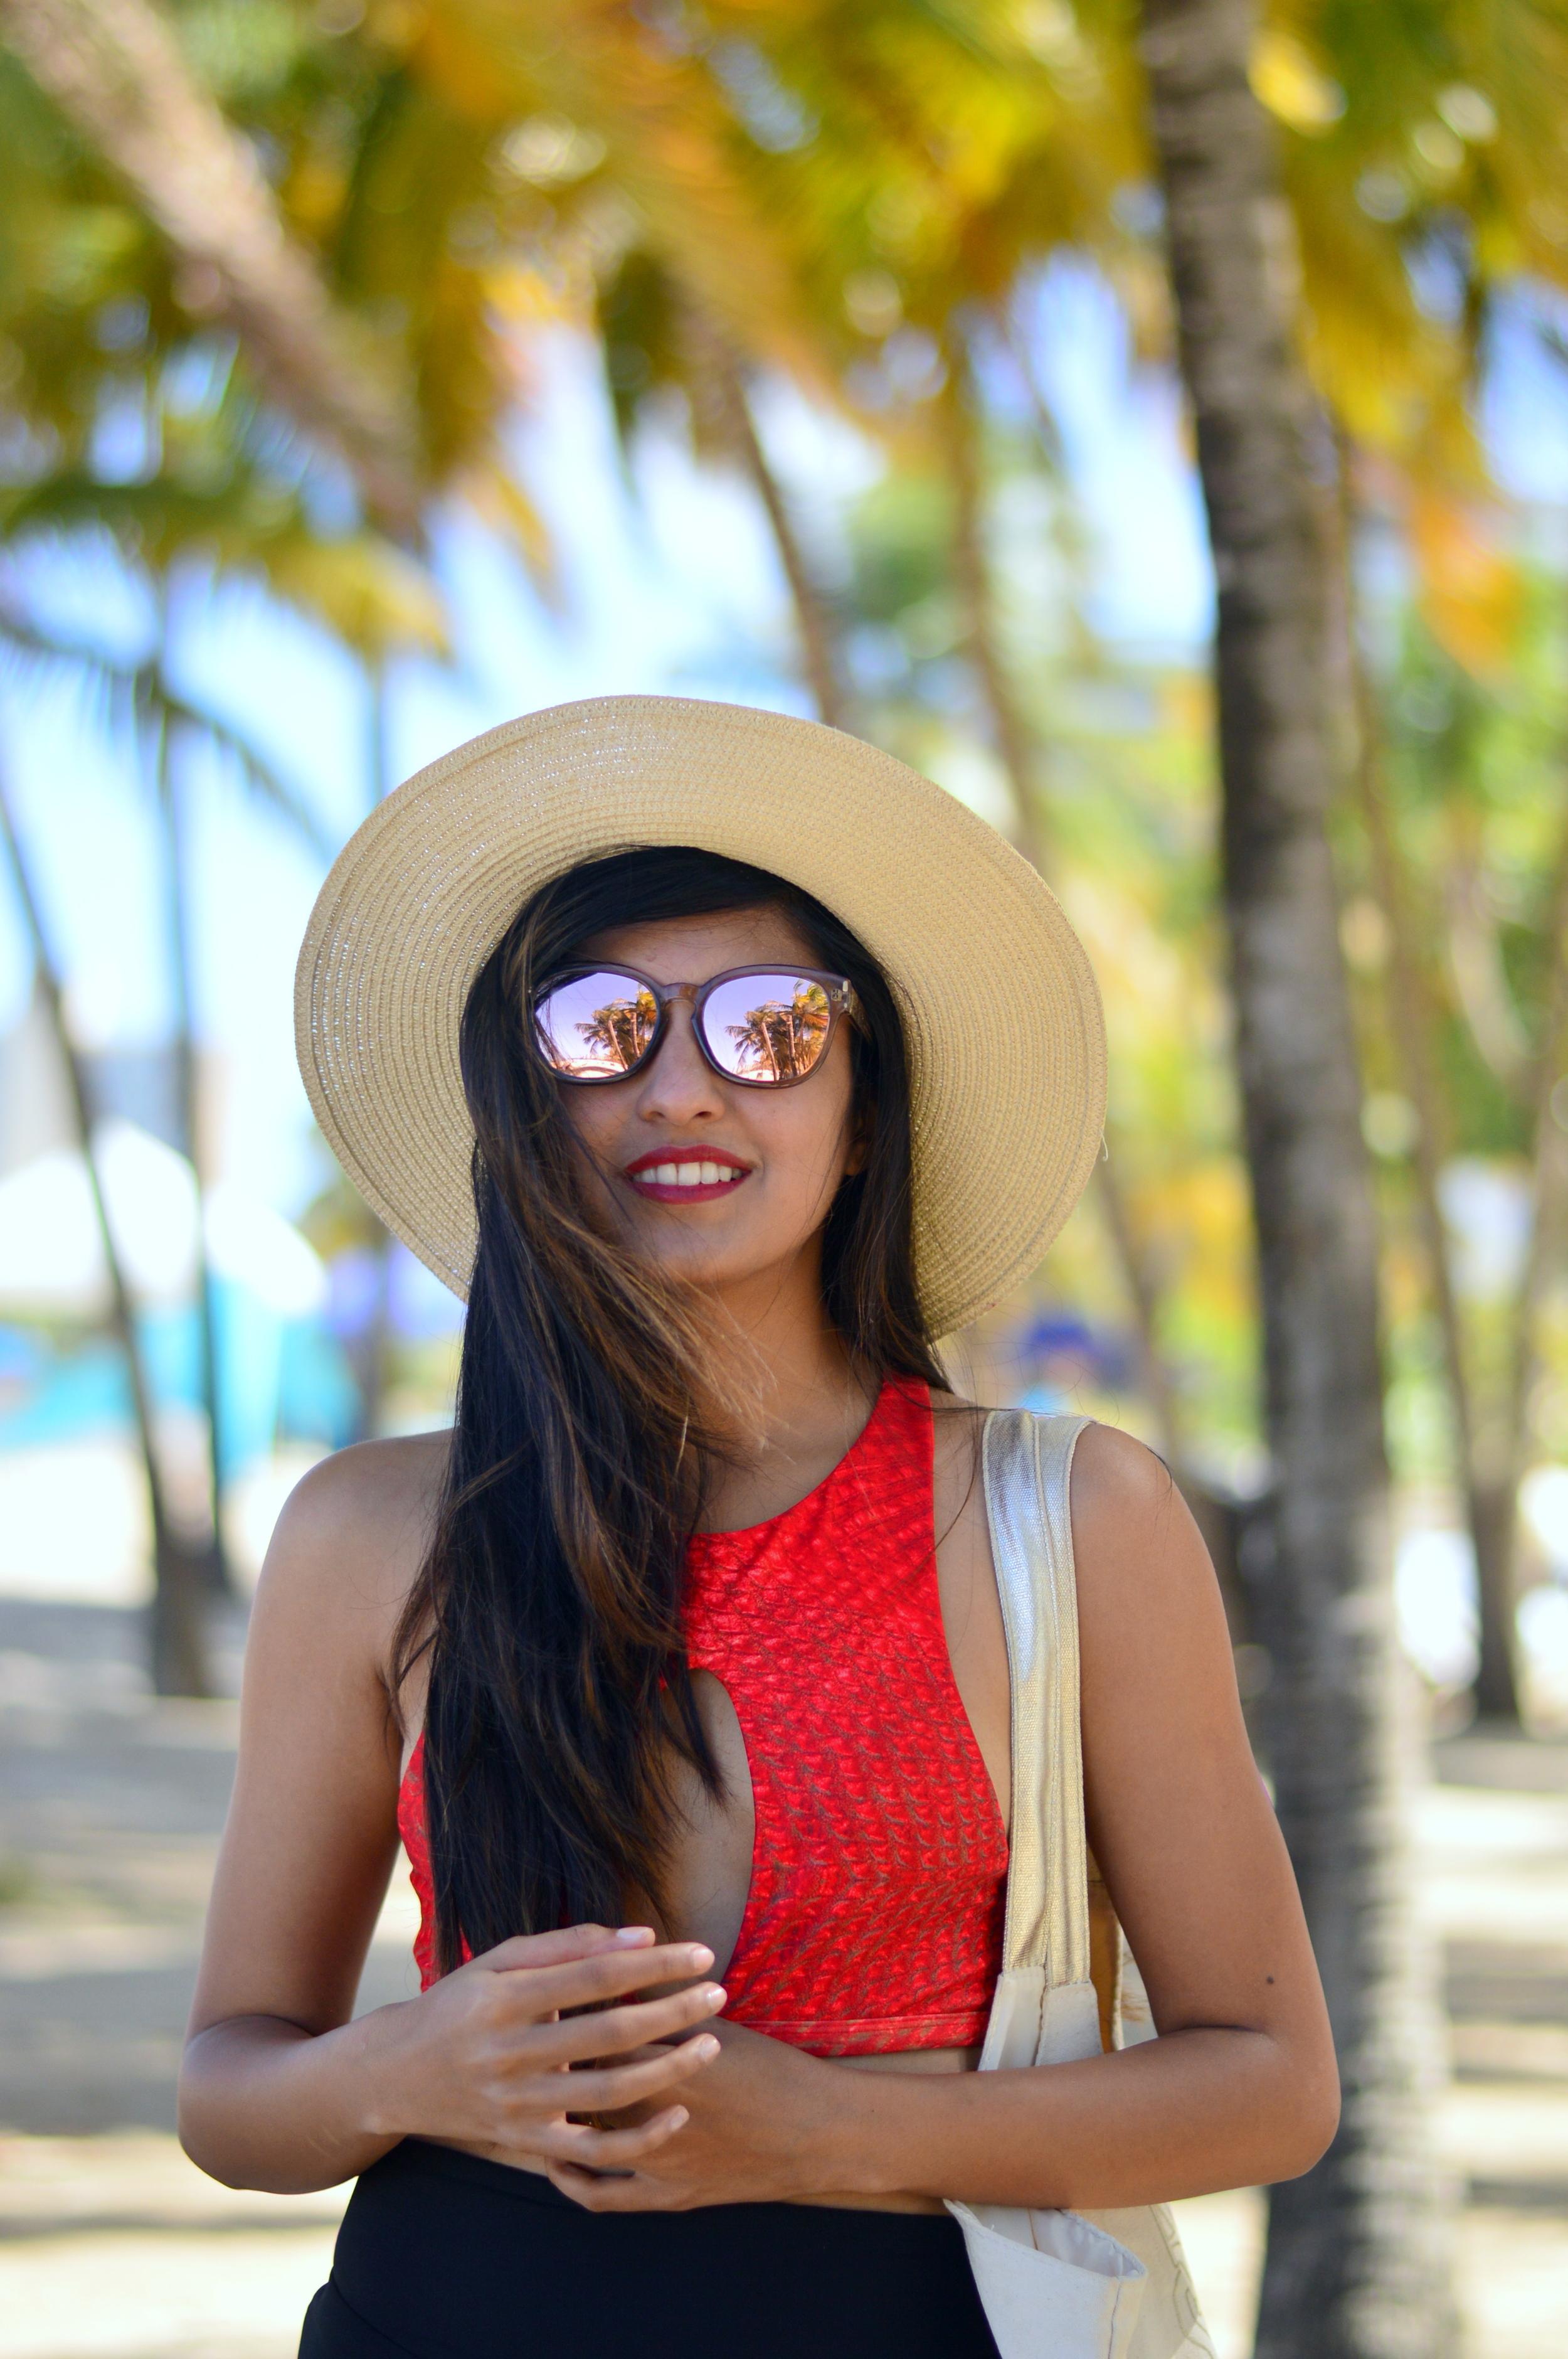 rose-gold-sunglasses-beach-accessories